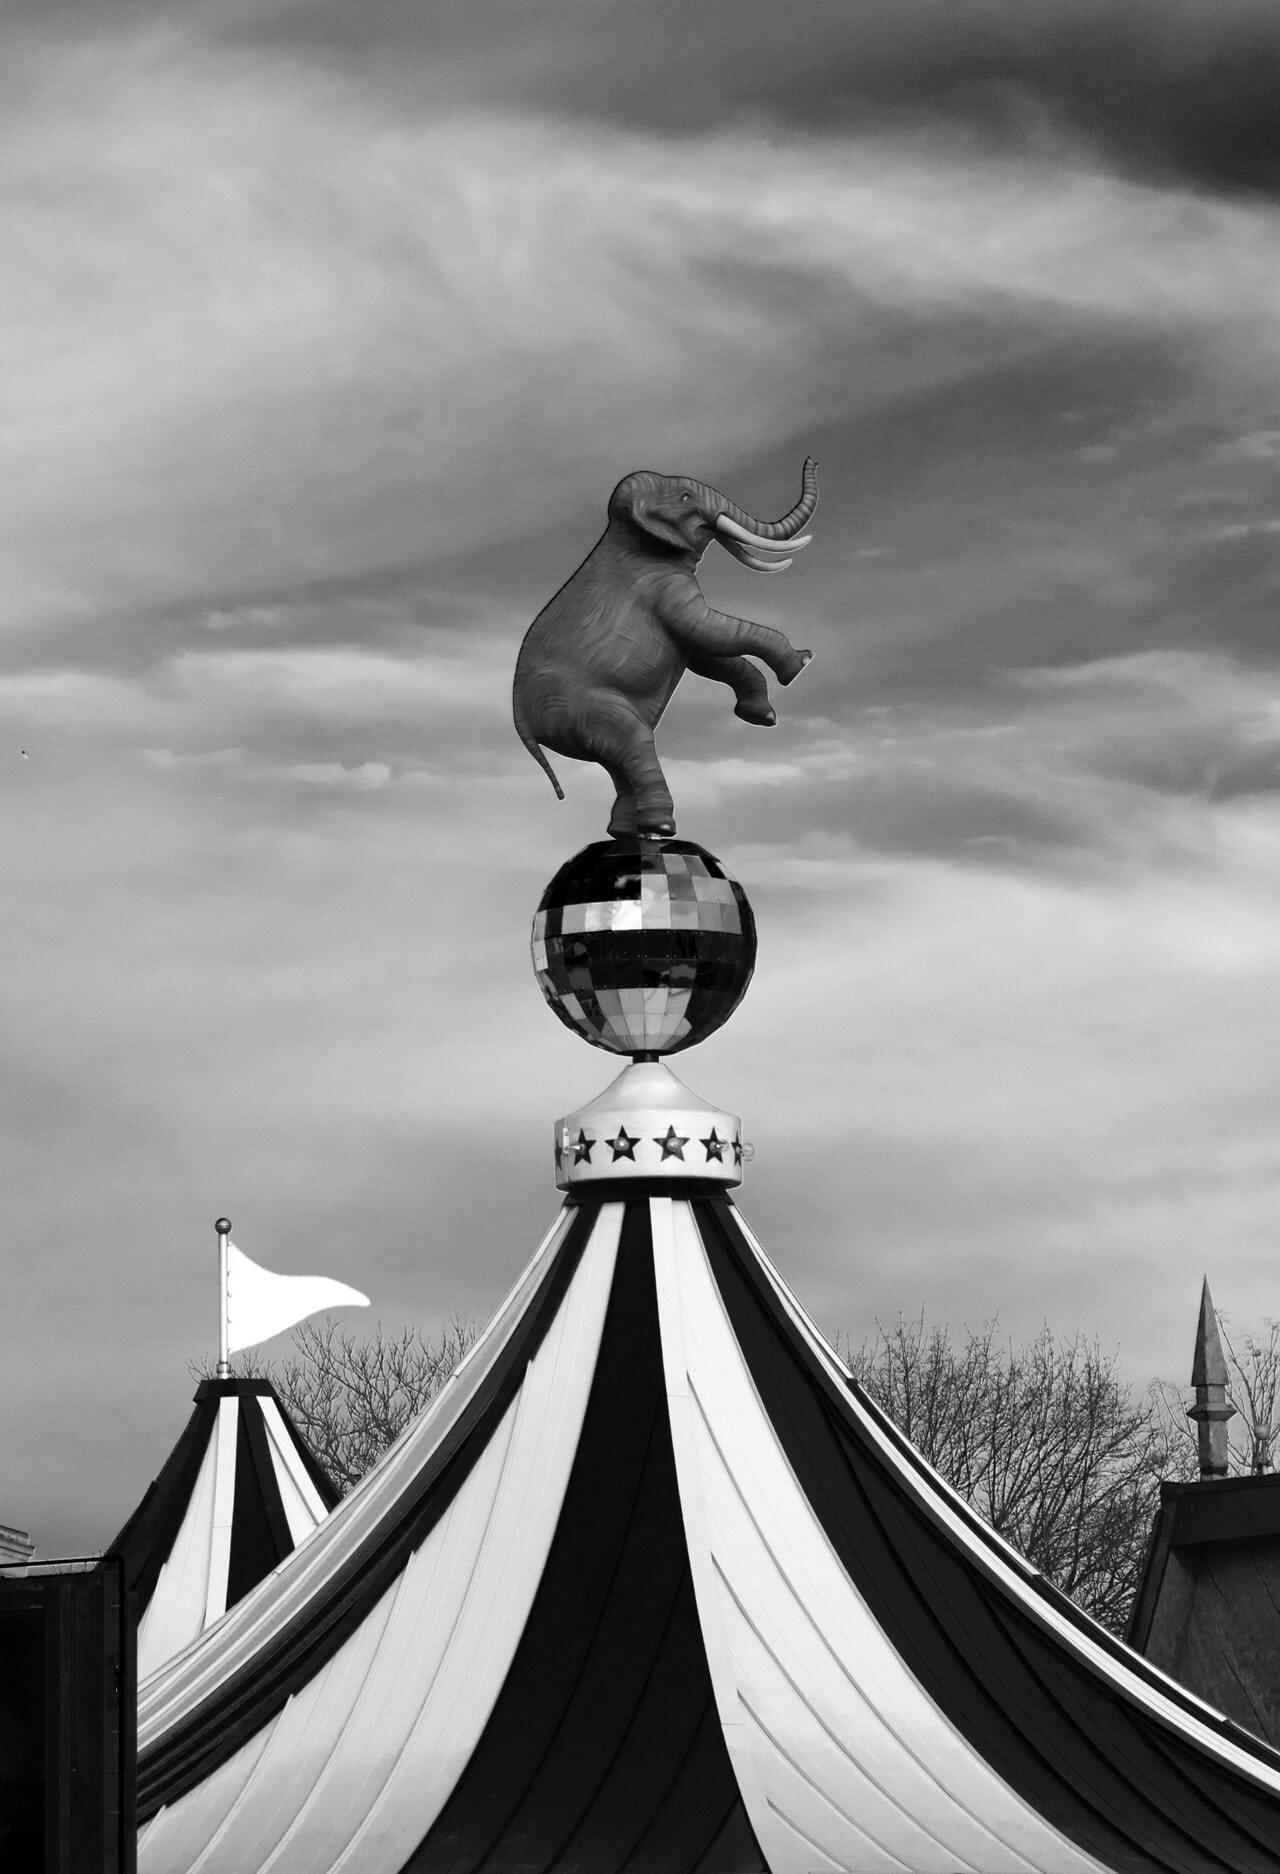 fil, sirk, sirk fili, sirk hayvanı